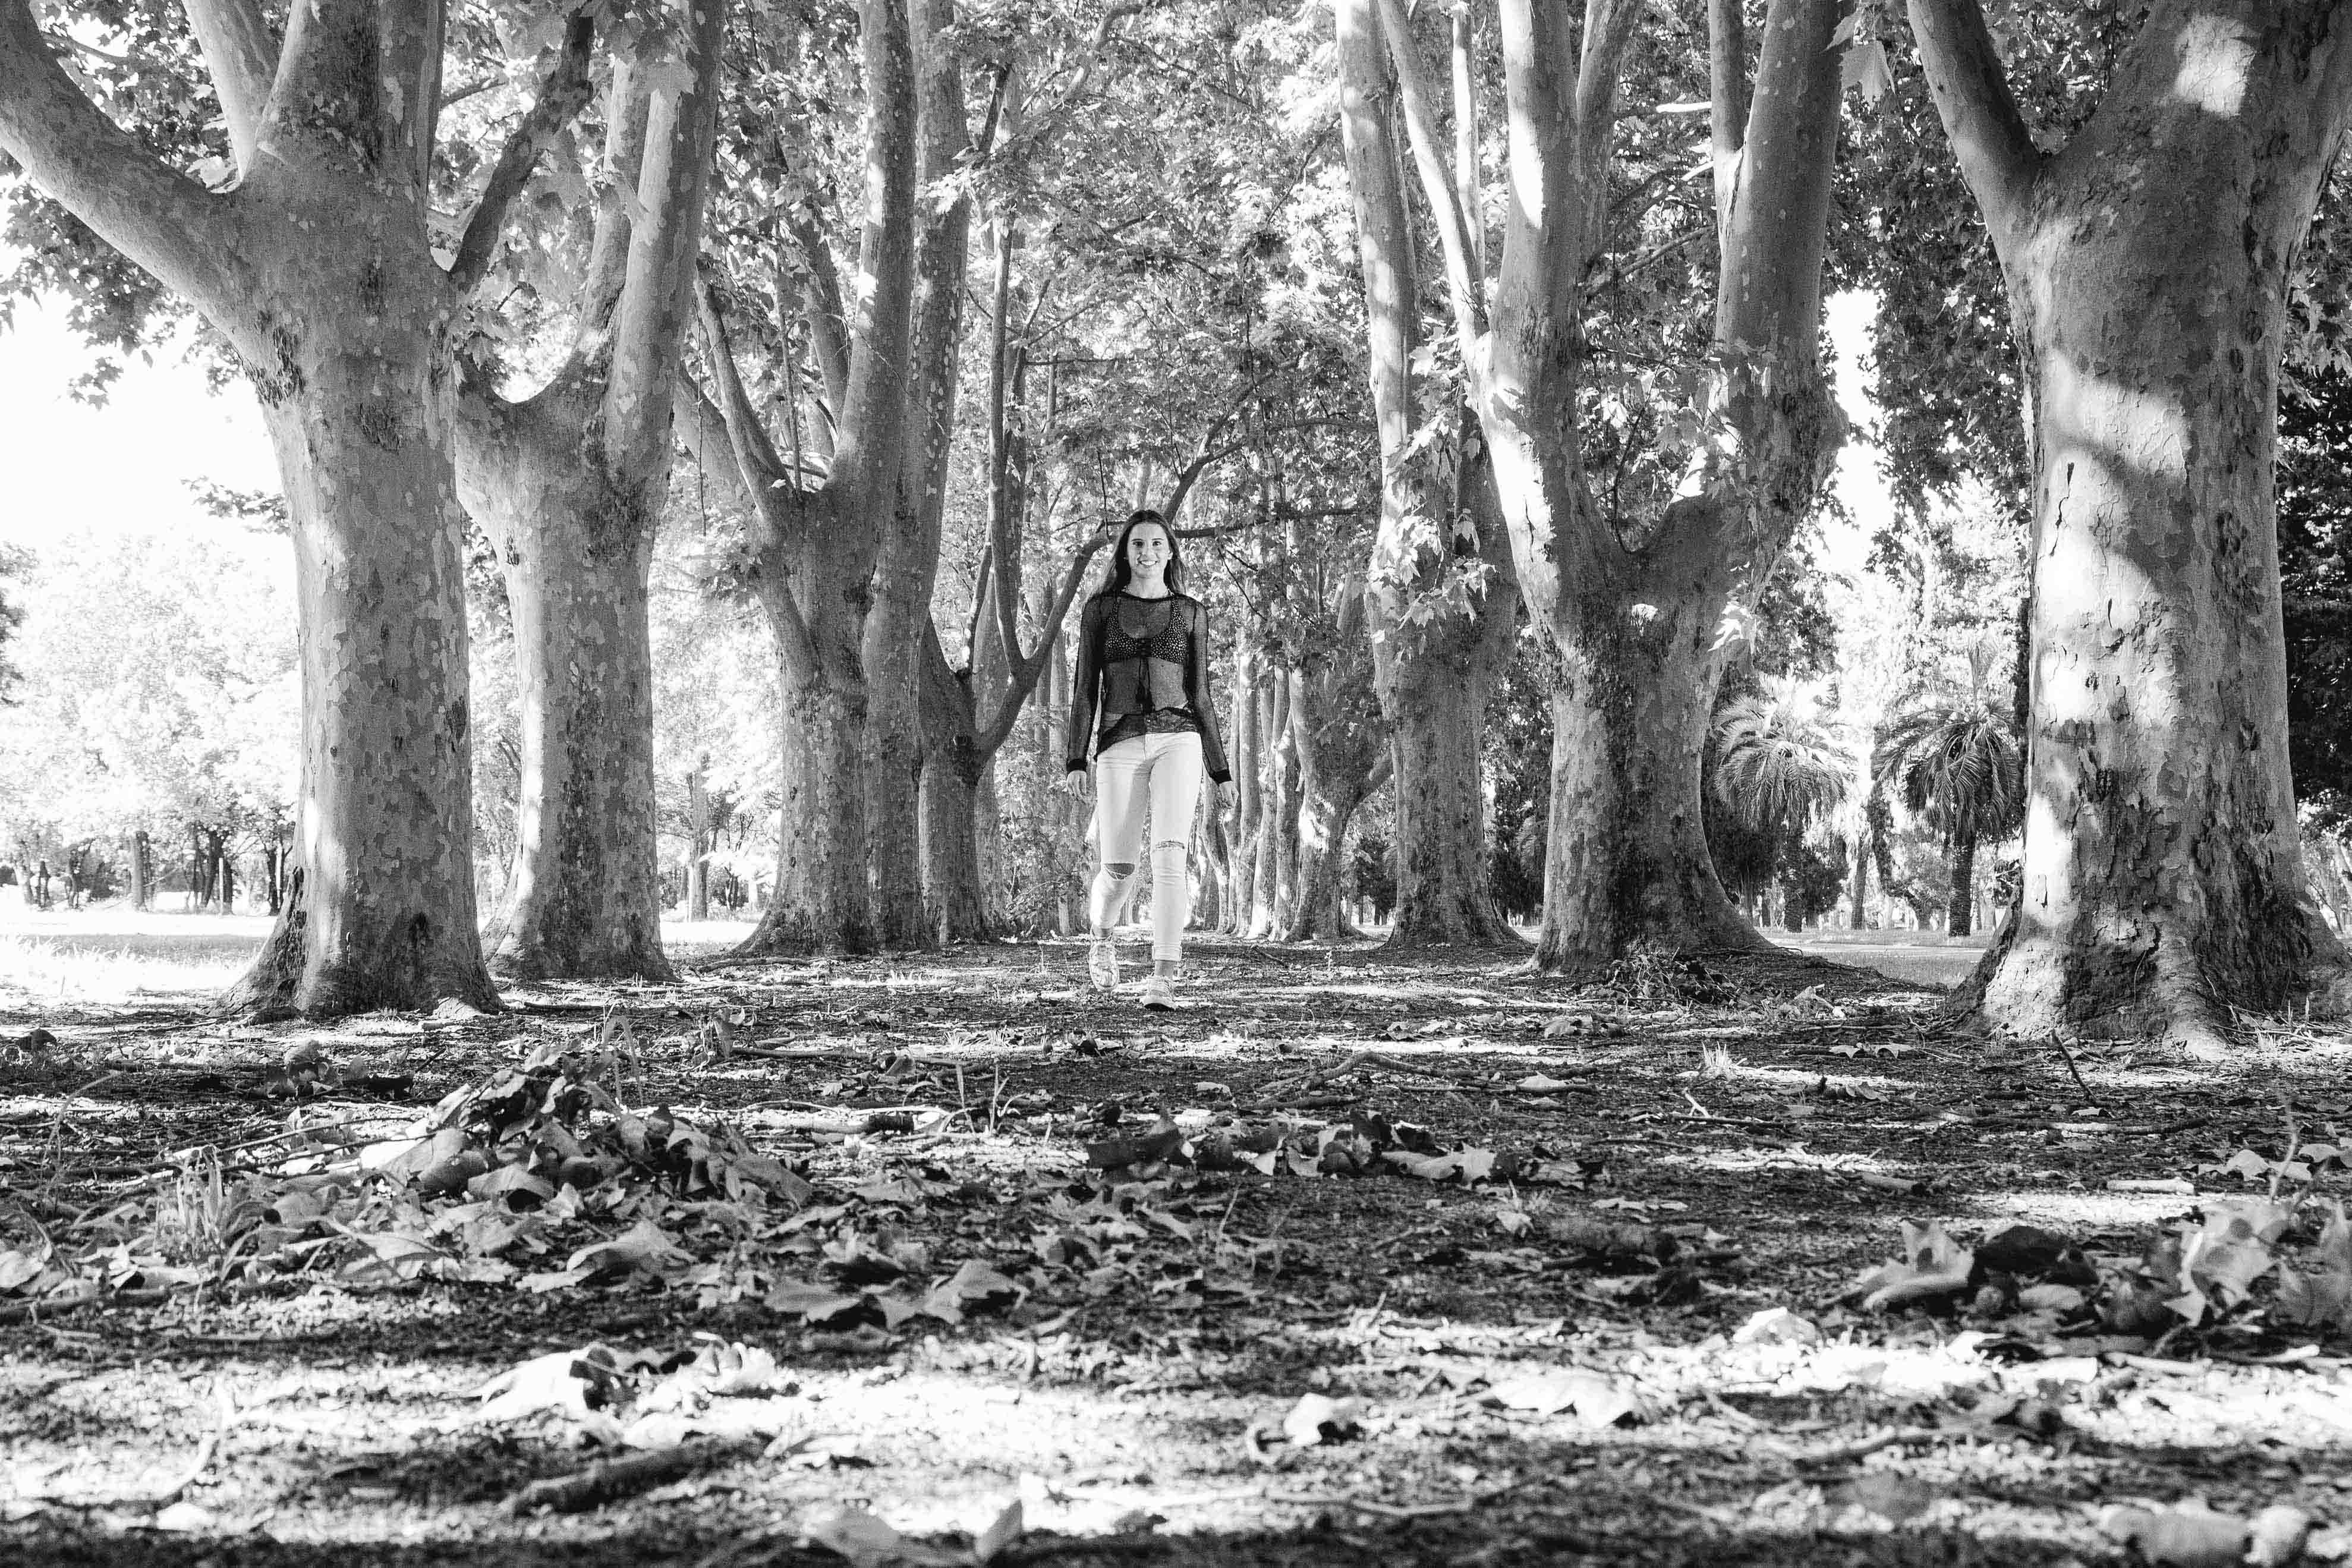 Fotos de la sesion de XV de Mora en Rosario Realizadas por Bucle Fotografias Flor Bosio y Caro Clerici